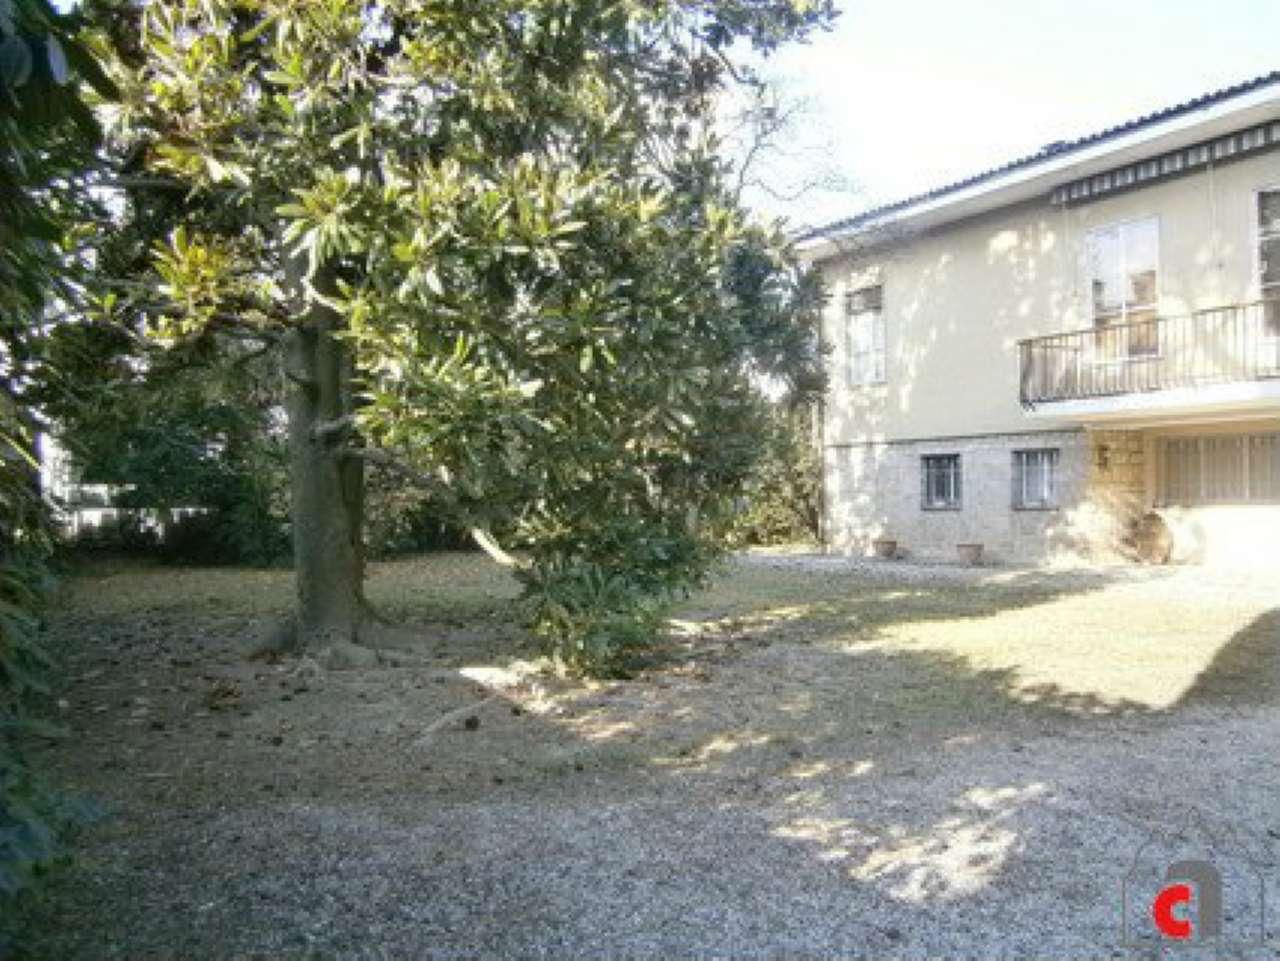 Soluzione Indipendente in vendita a Padova, 10 locali, zona Zona: 1 . Centro, prezzo € 950.000 | Cambio Casa.it